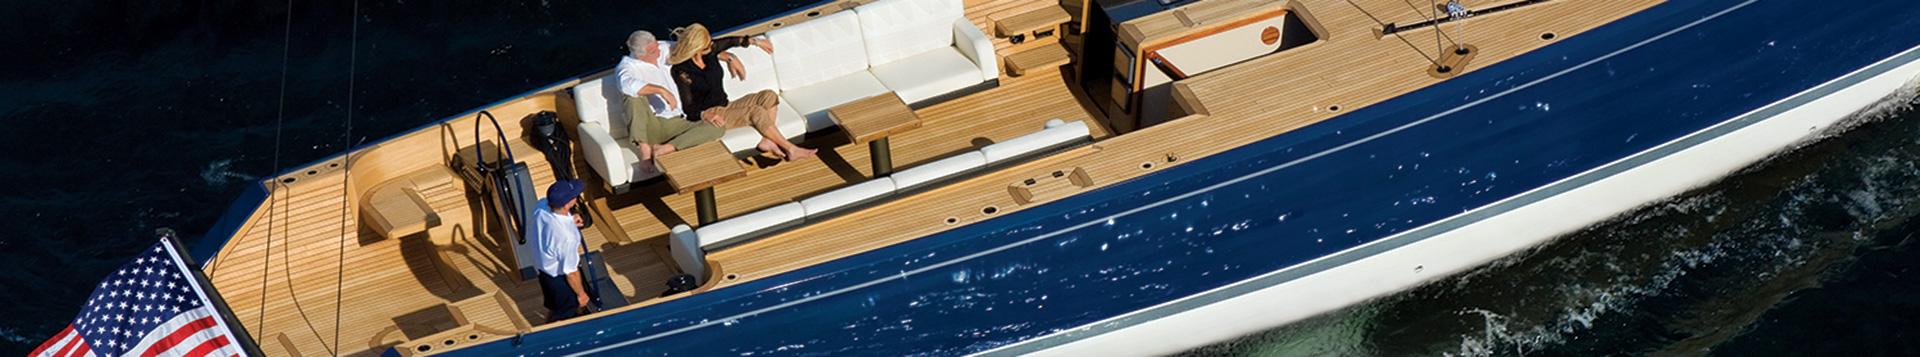 Yacht World: Sizzler, Idaho's Hot Rod